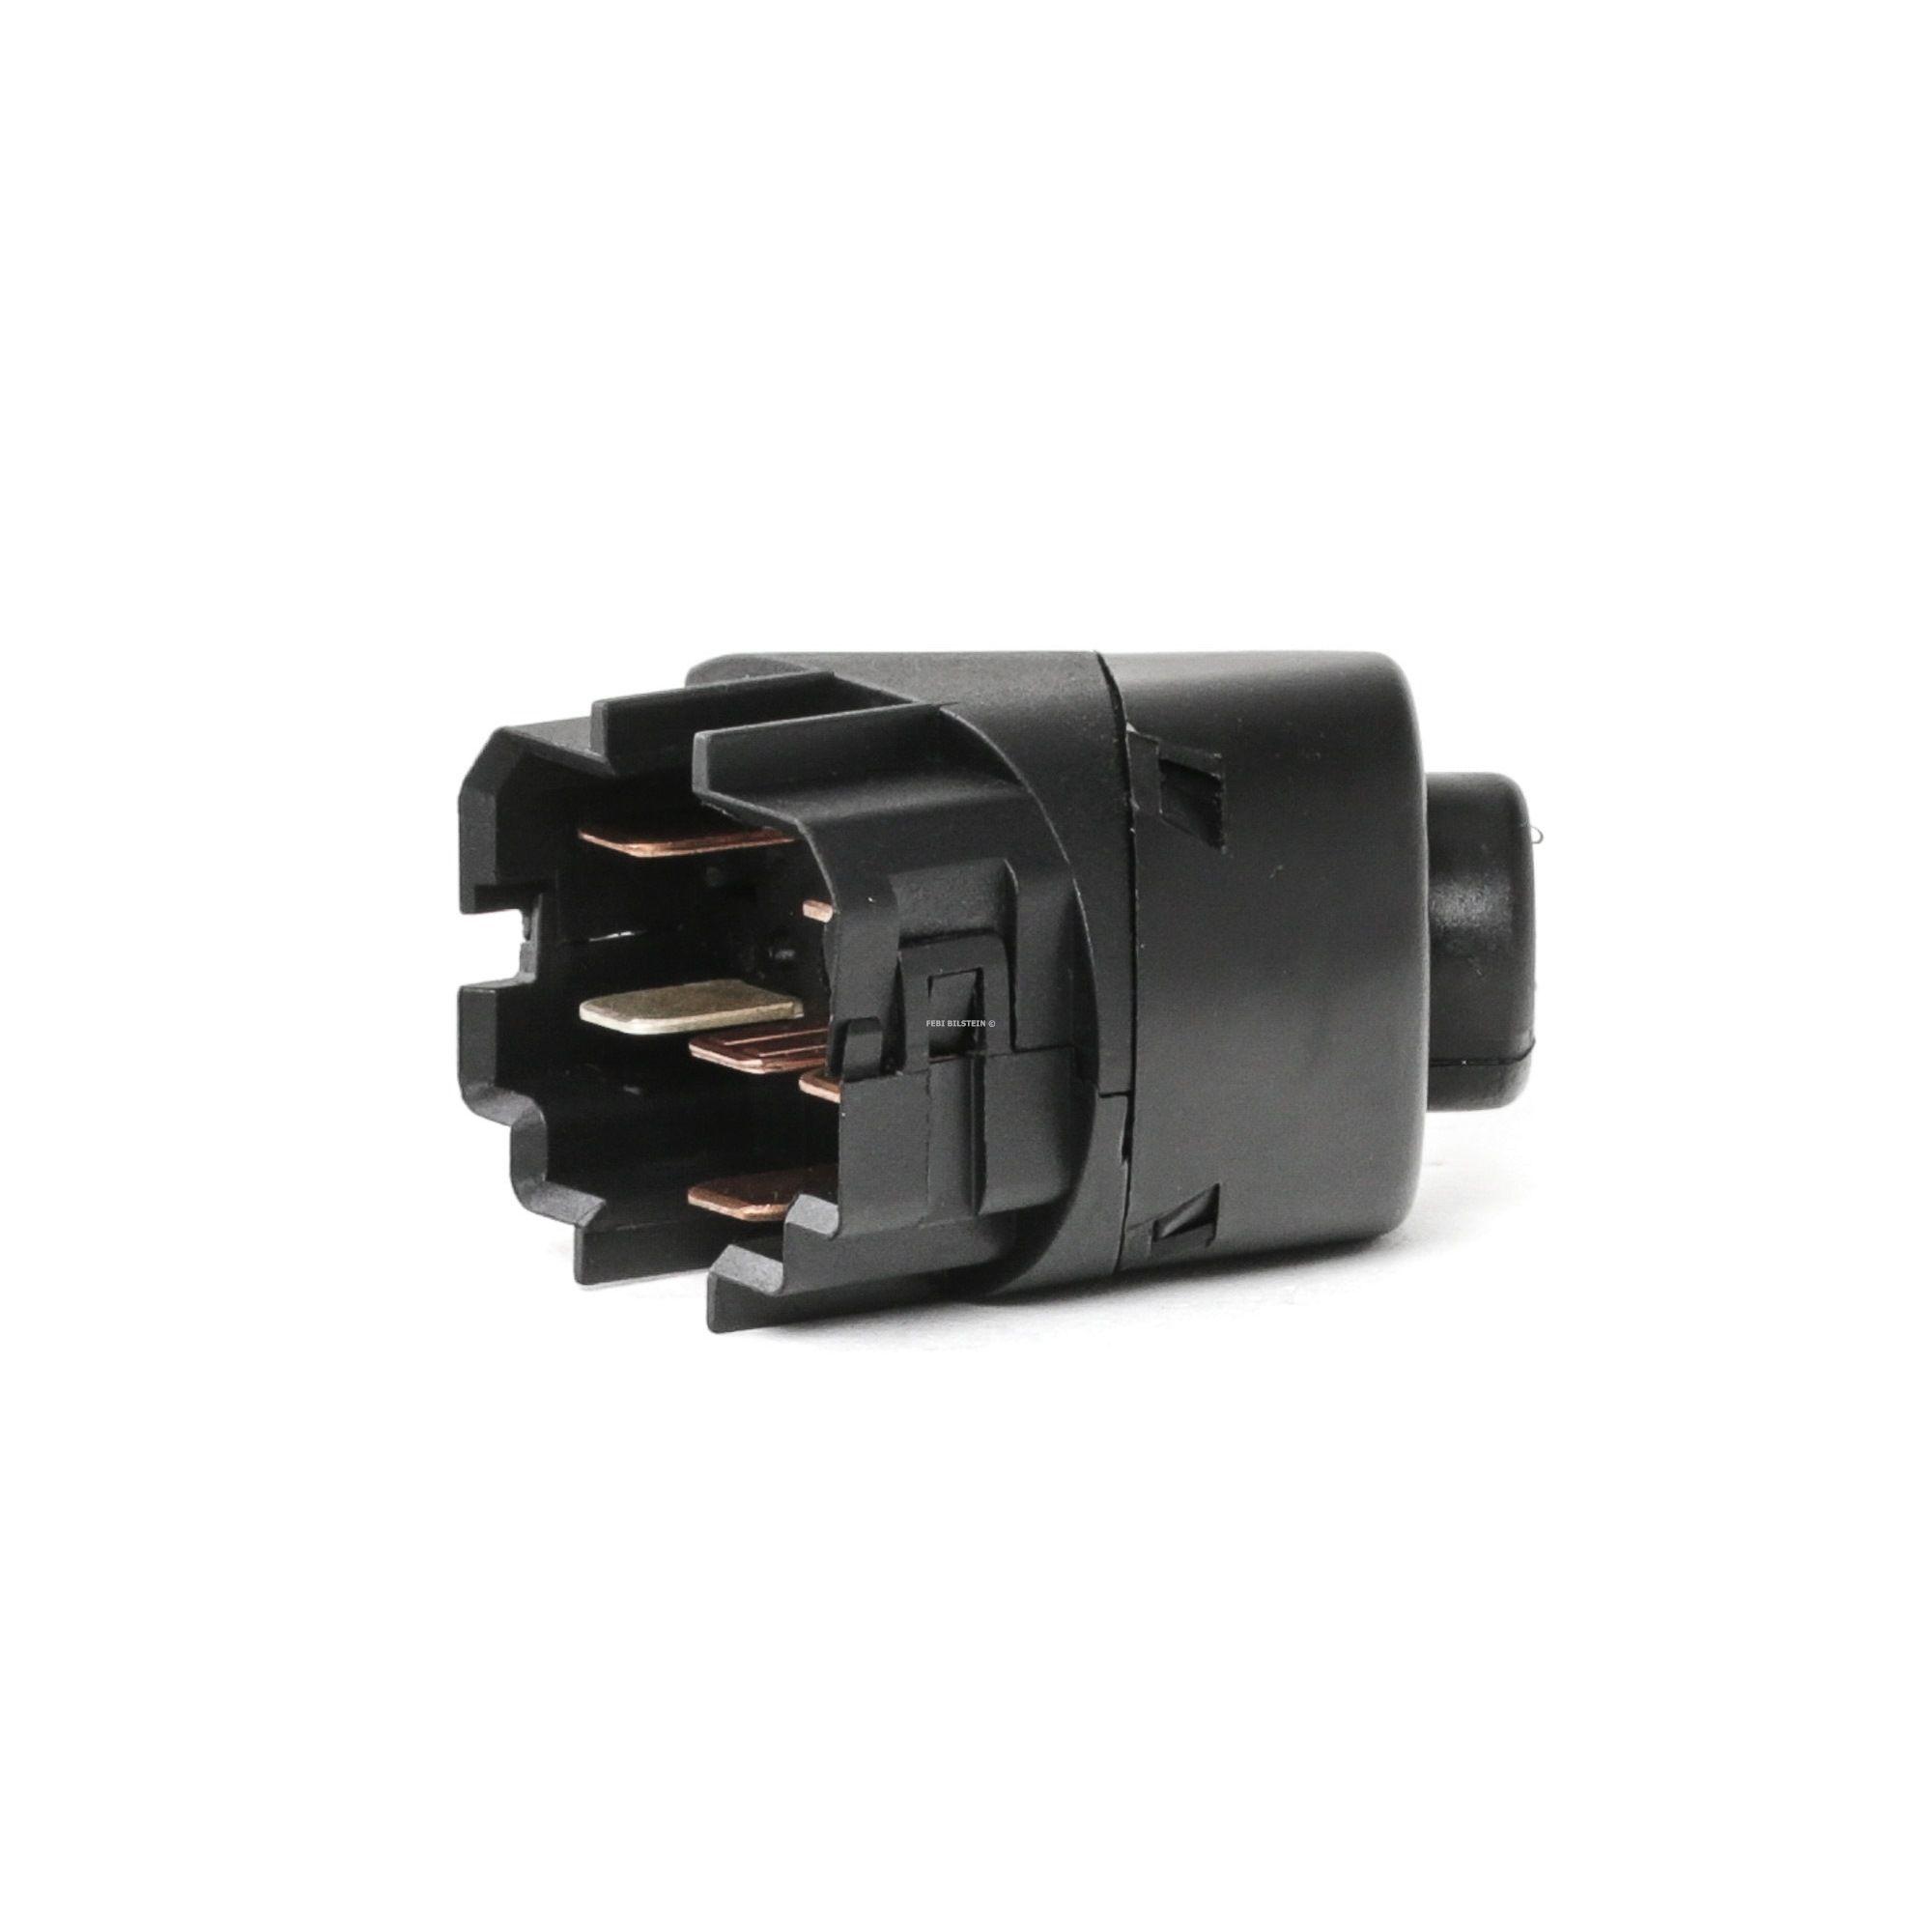 Interruptor de encendido / arranque FEBI BILSTEIN 29878 evaluación